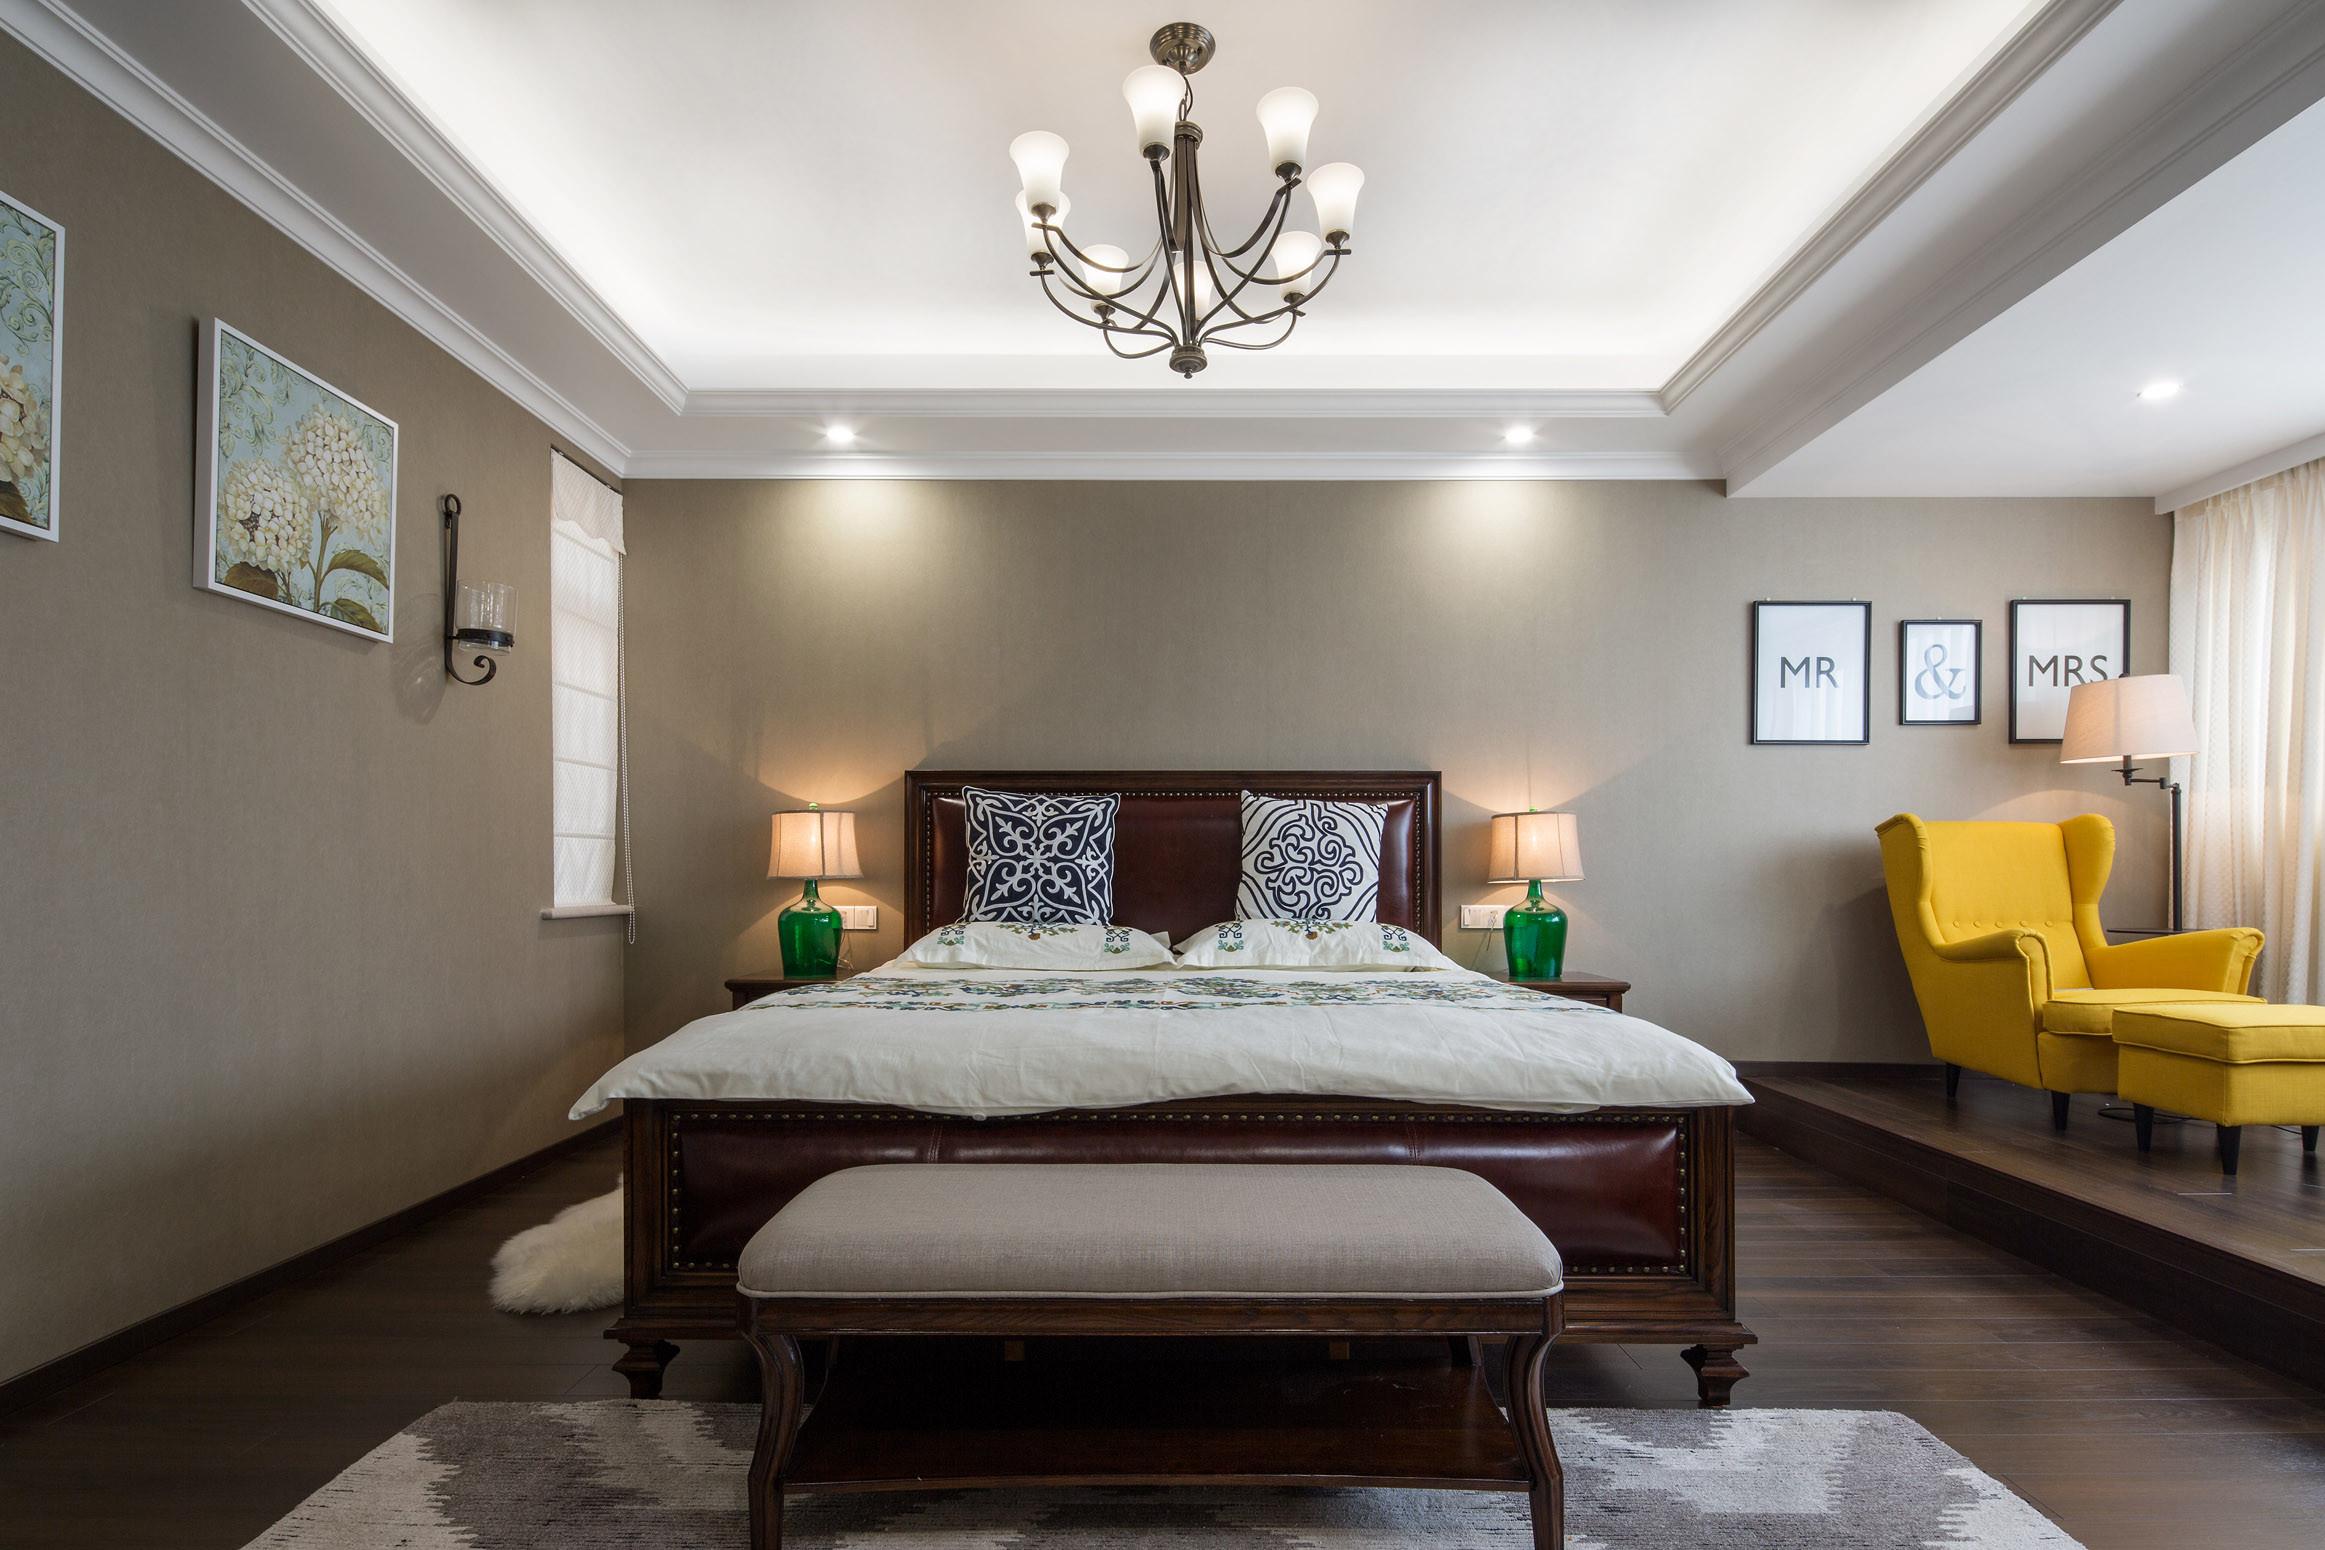 美式别墅设计卧室背景墙图片